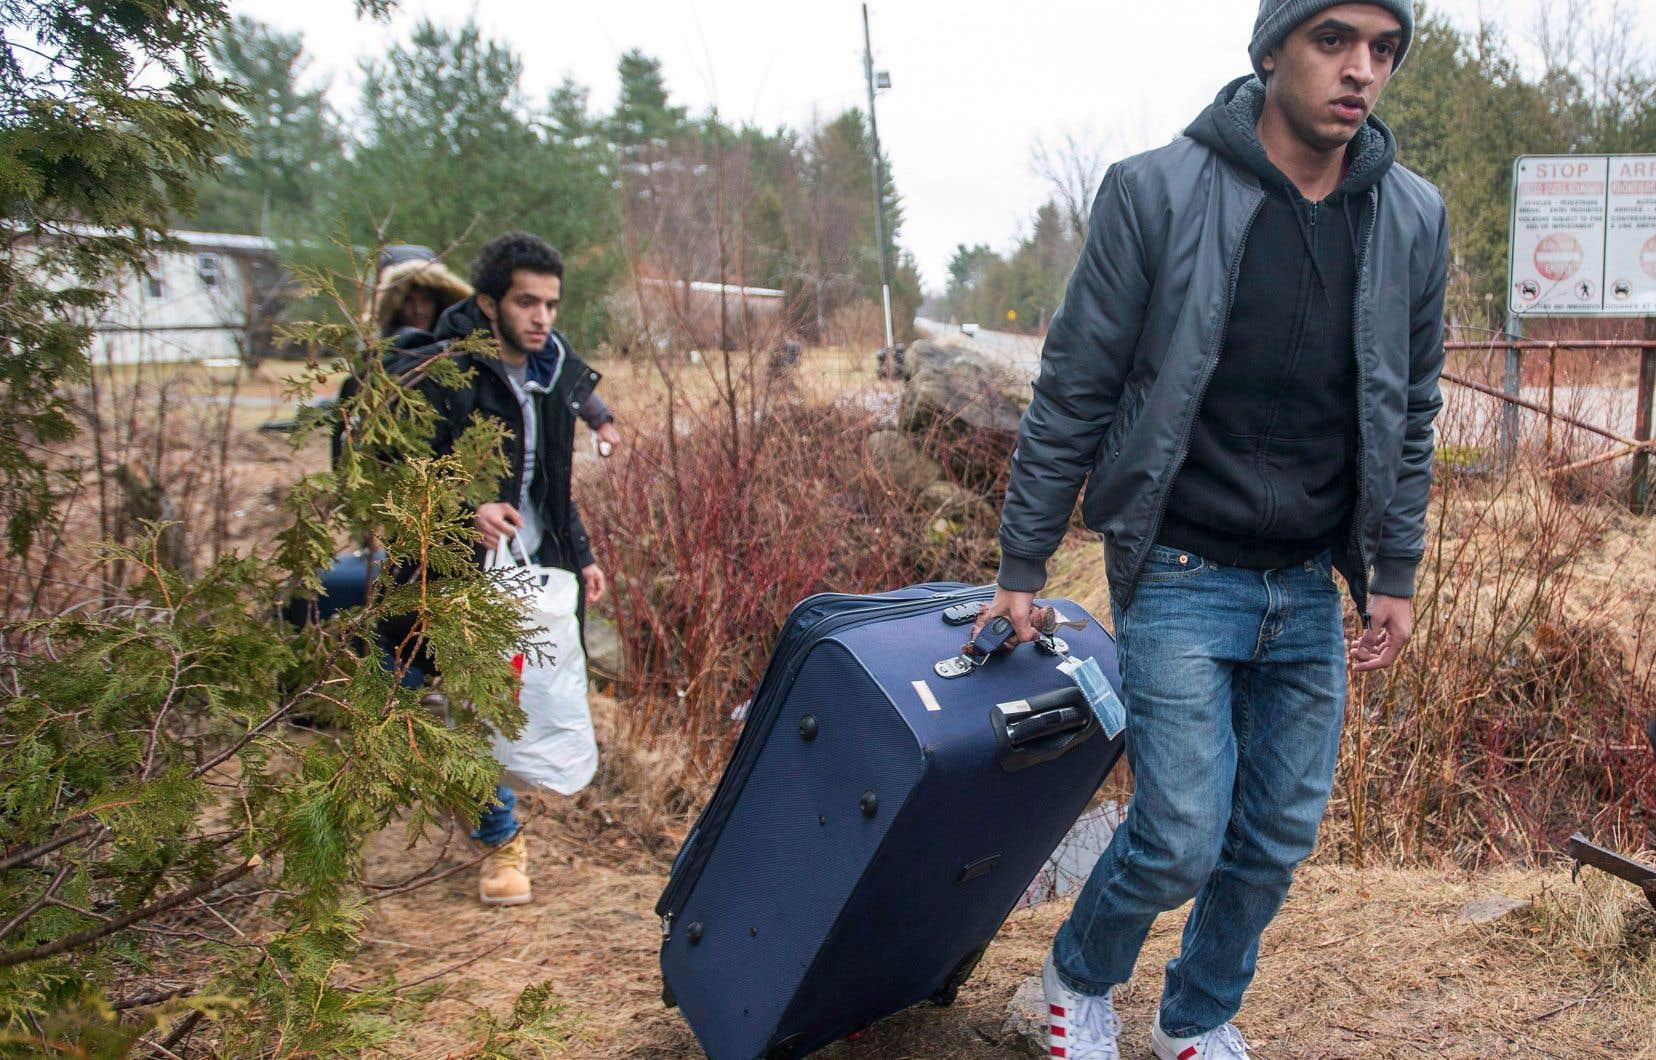 Environ 40% des migrants qui entrent de façon irrégulière au Québec souhaitent refaire leur vie en Ontario, ont constaté les fonctionnaires fédéraux.